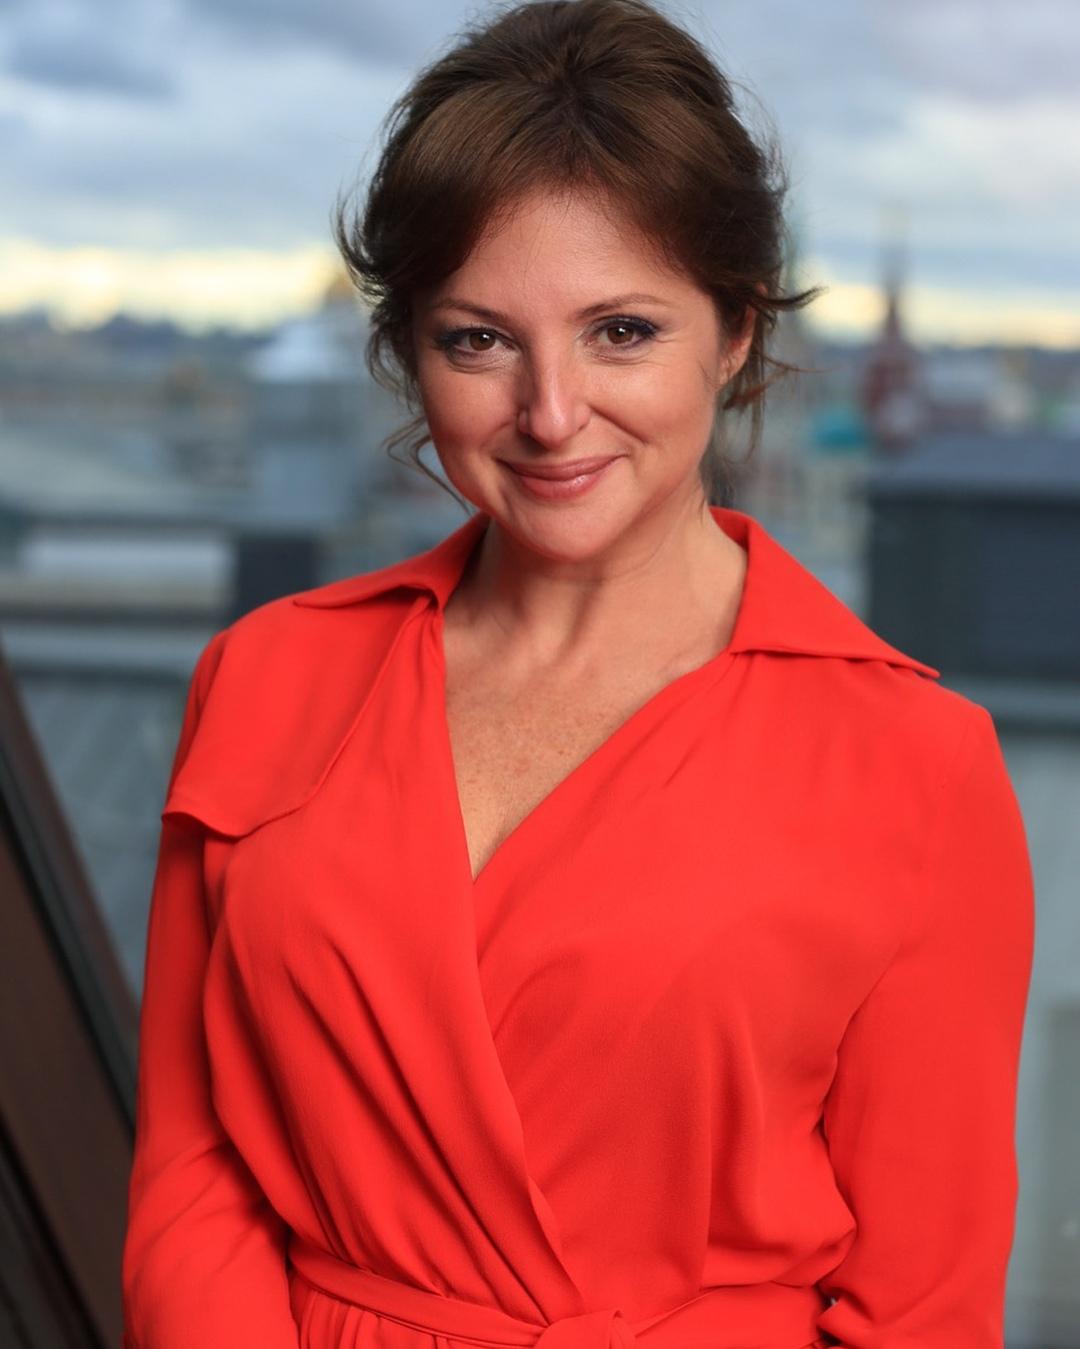 Сегодня день рождения отмечает Банщикова Анна Борисовна.